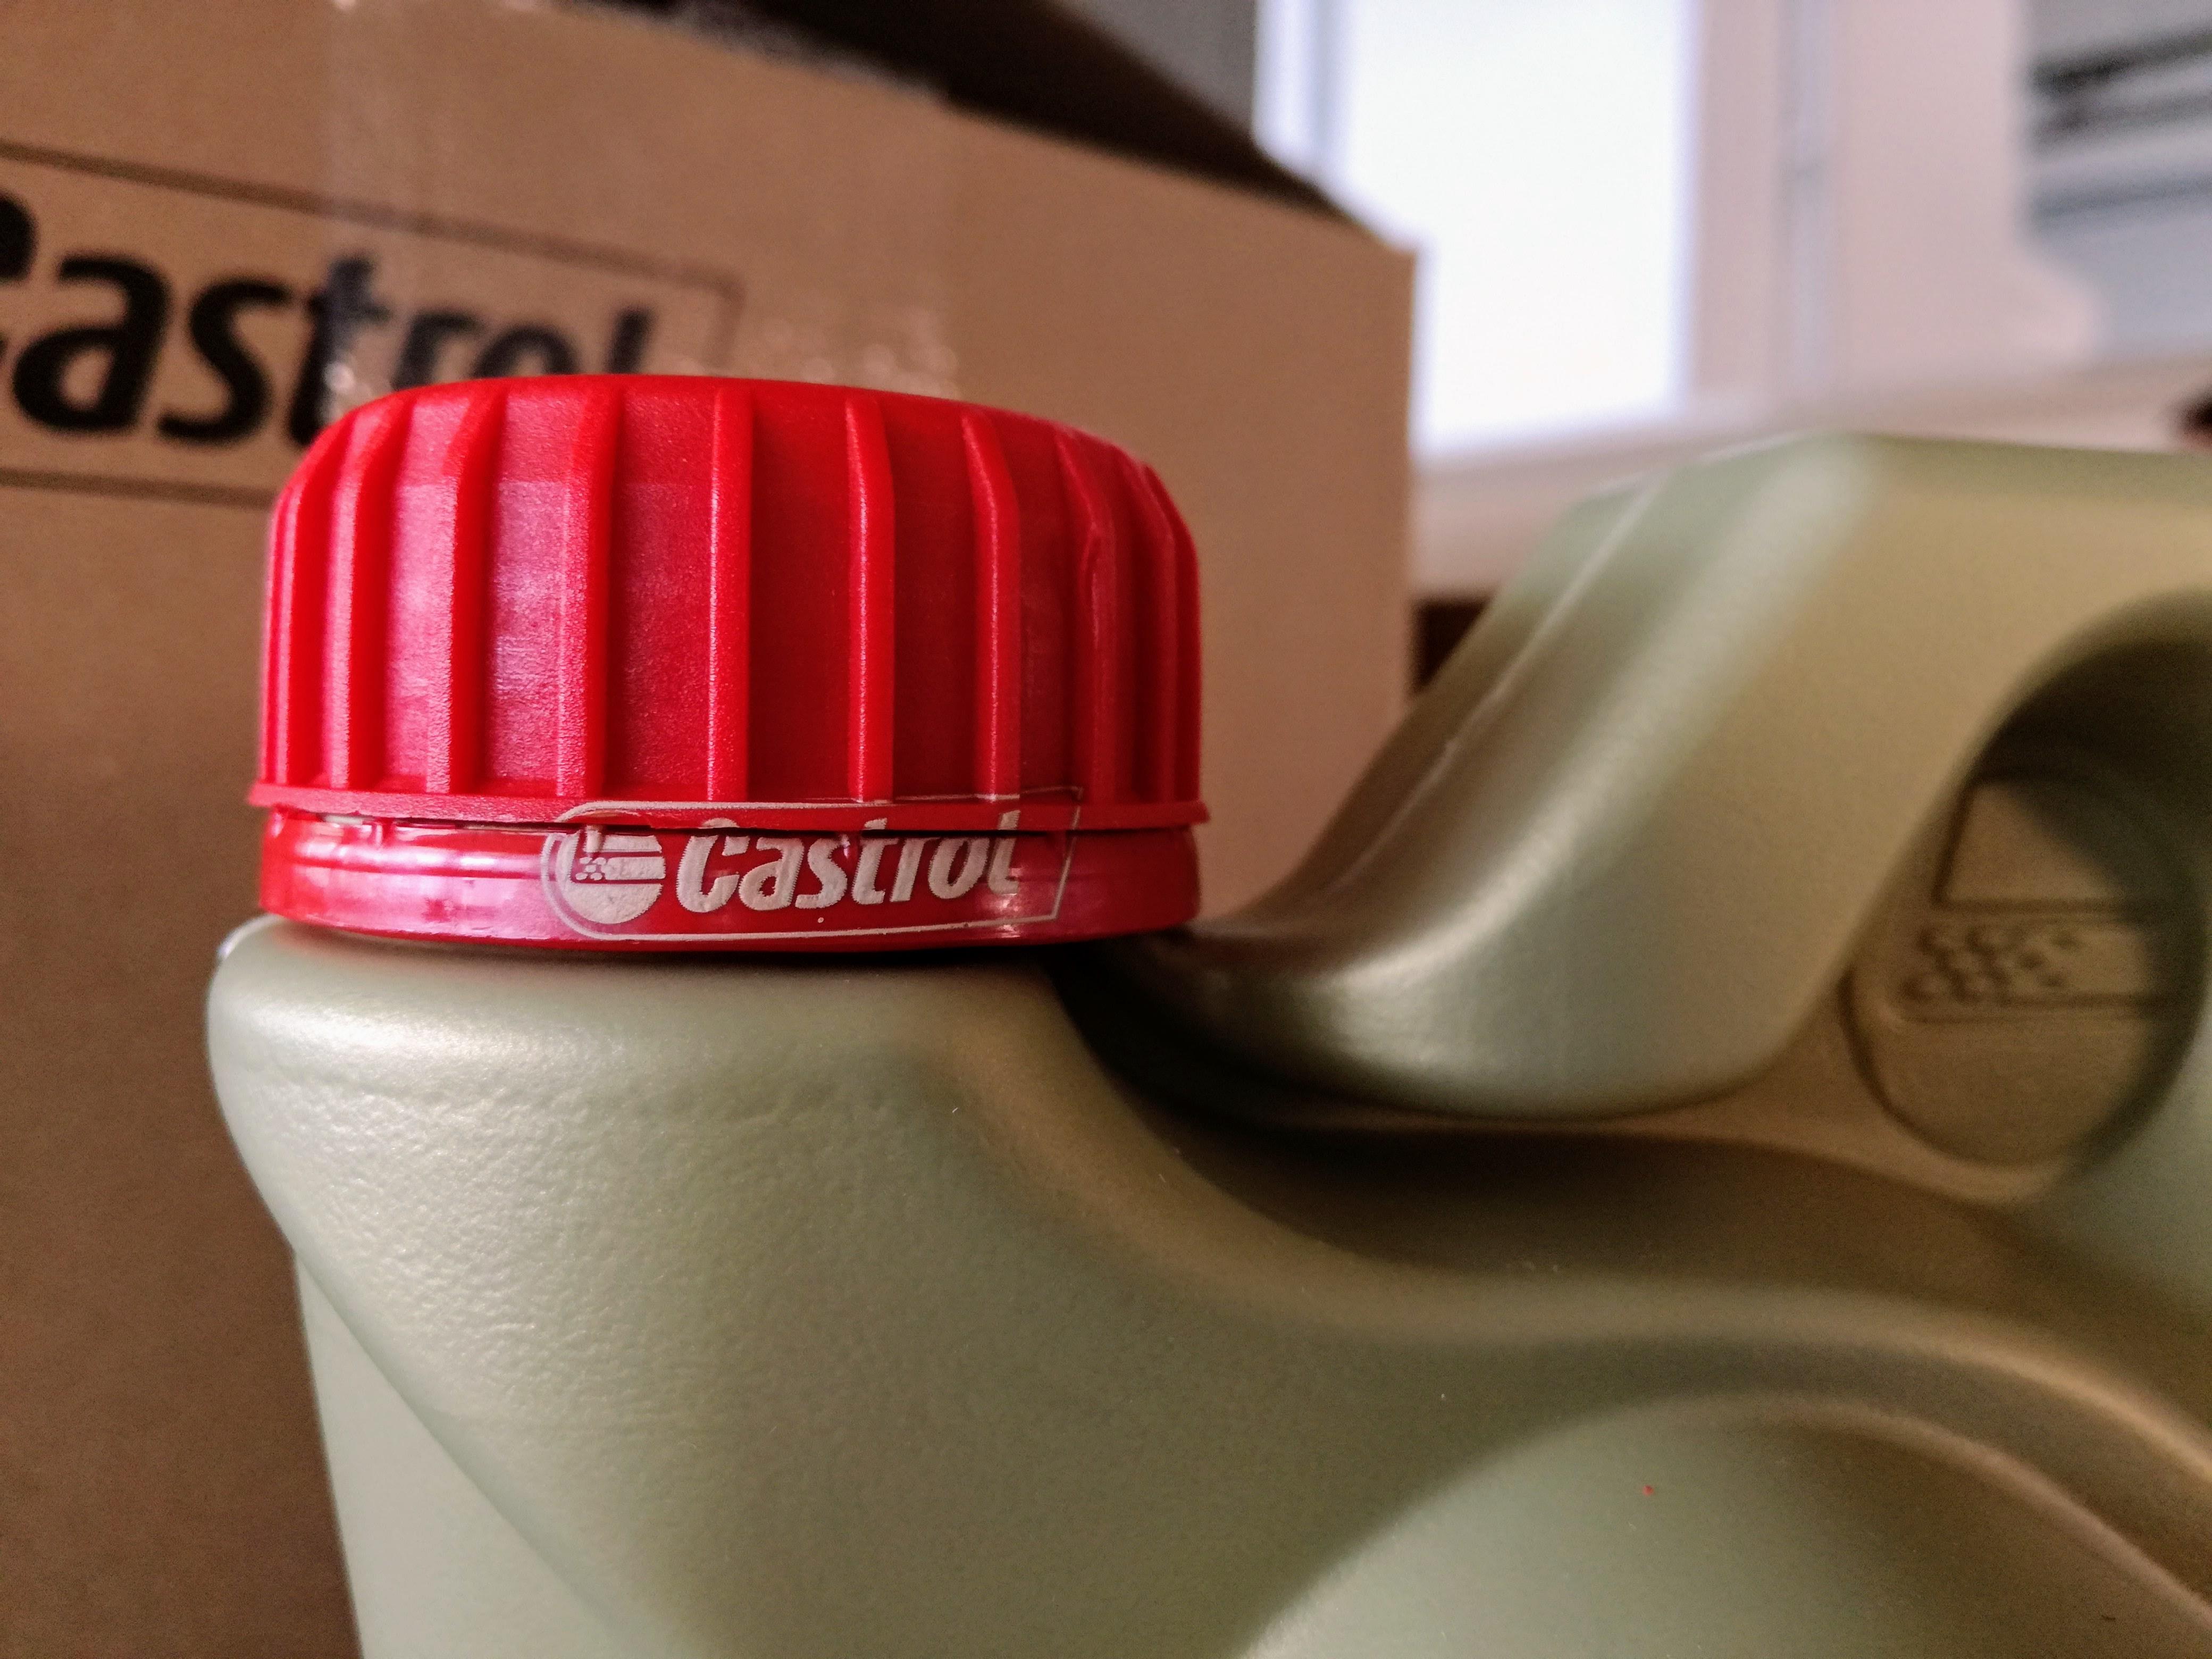 A Castrol termékek mindegyikén a zárókupak a látott helyen tartalmazza a CASTROL logót fehéren nyomva.